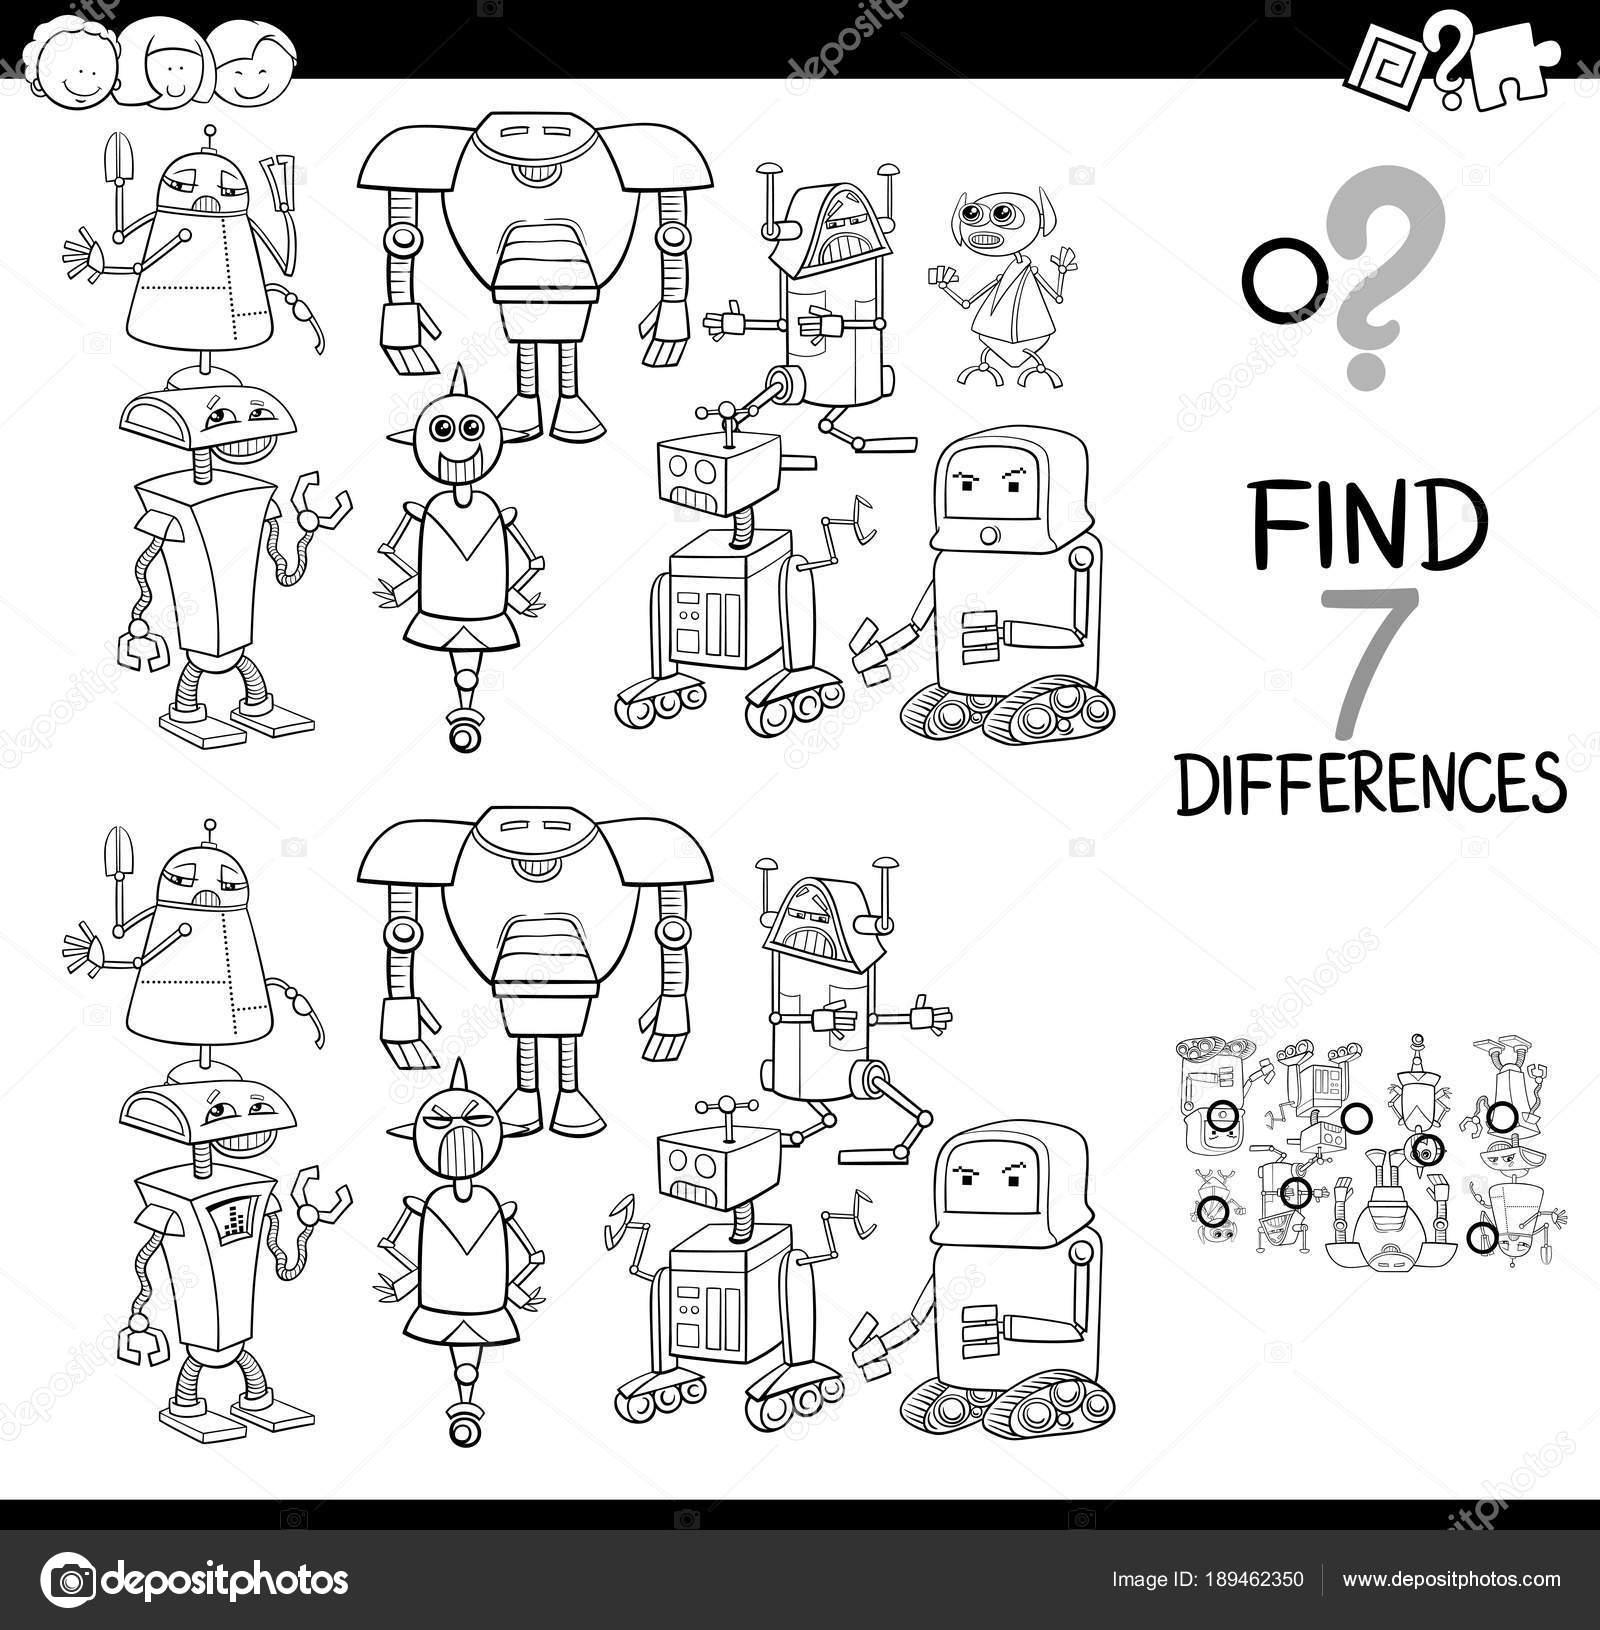 Boyama Kitabı Robotlar Ile Farklılıklar Oyunu Stok Vektör